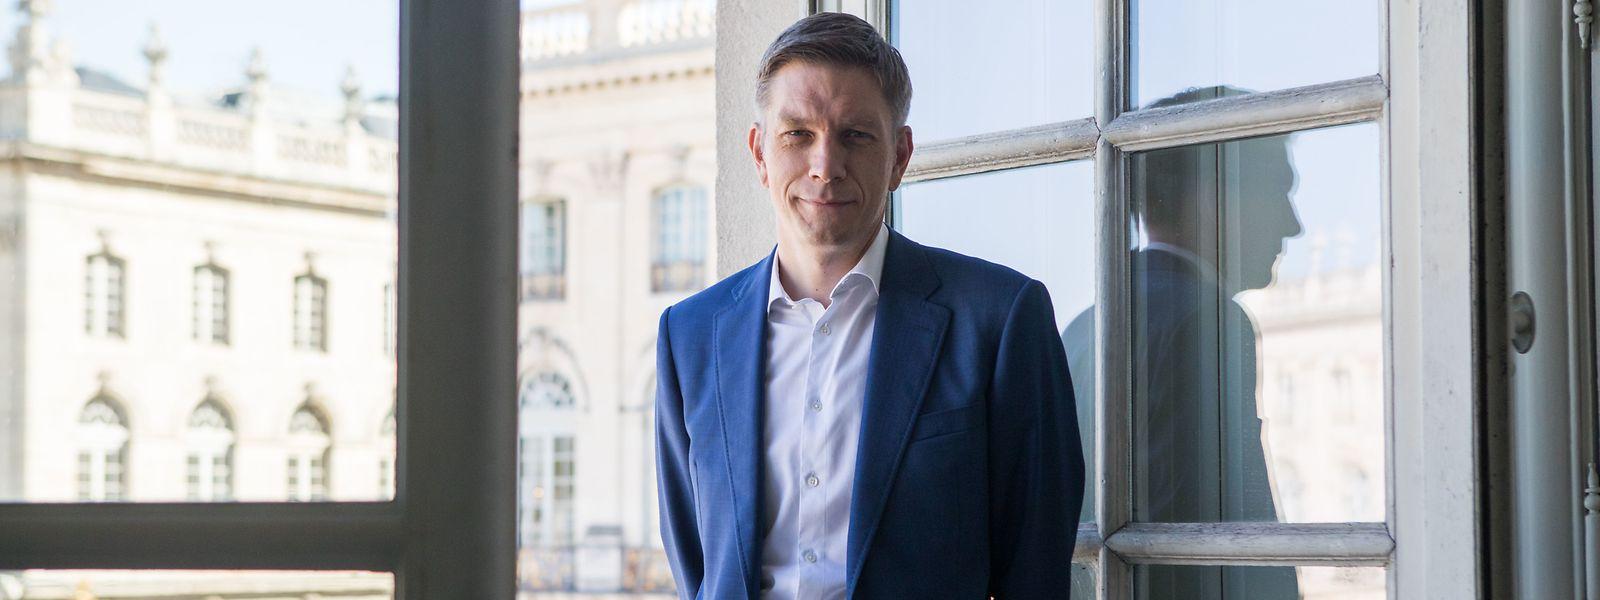 Pour permettre à la Lorraine de continuer à jouer un rôle, Mathieu Klein plaide pour une collaboration plus poussée au sein du sillon lorrain.